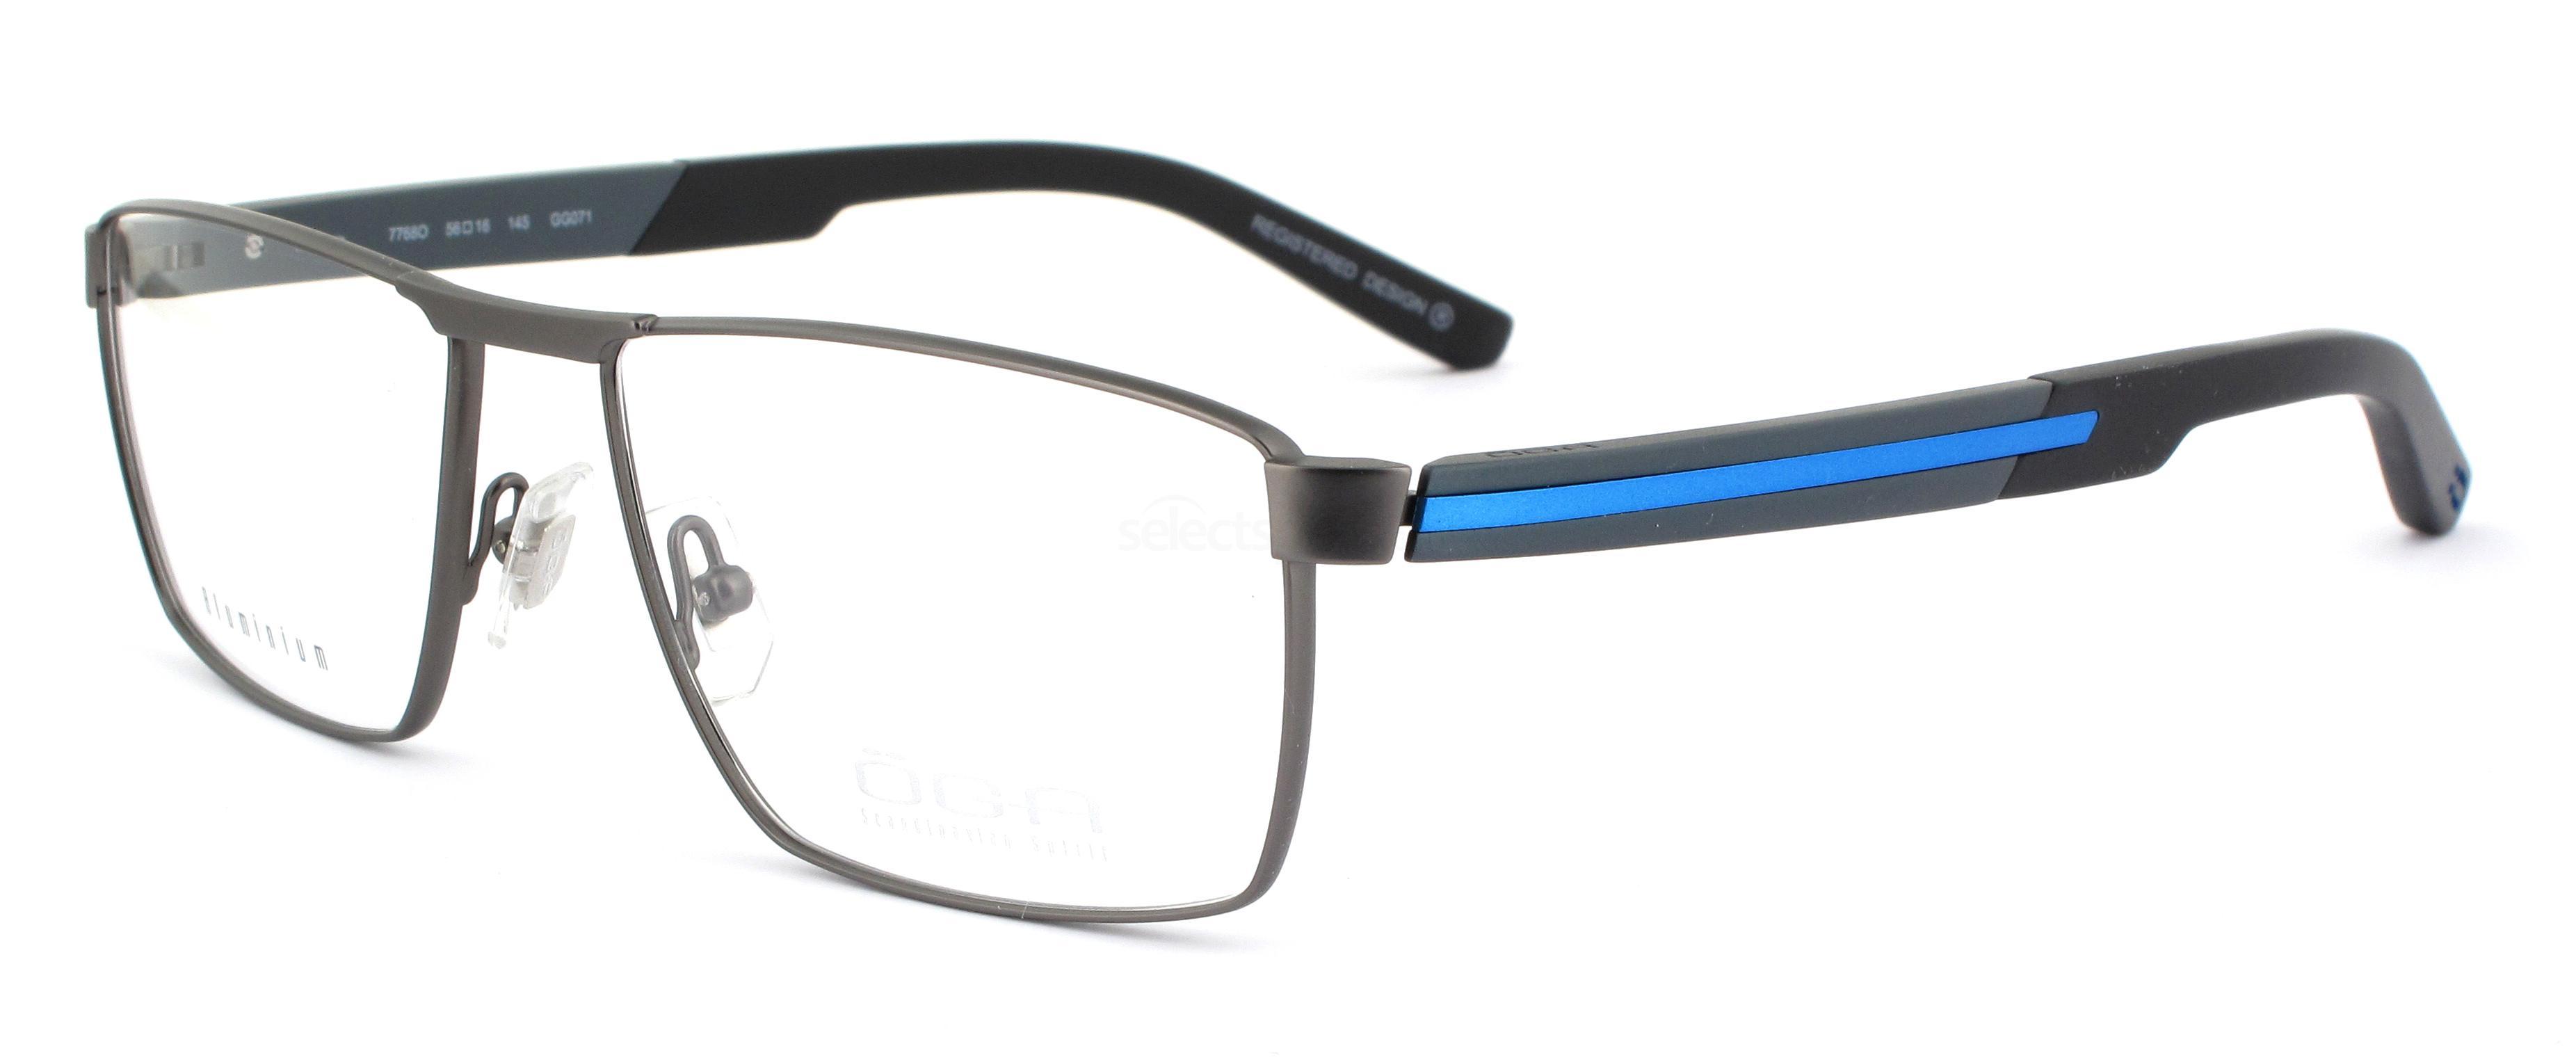 GG071 7768O TANGER 2 Glasses, ÖGA Scandinavian Spirit